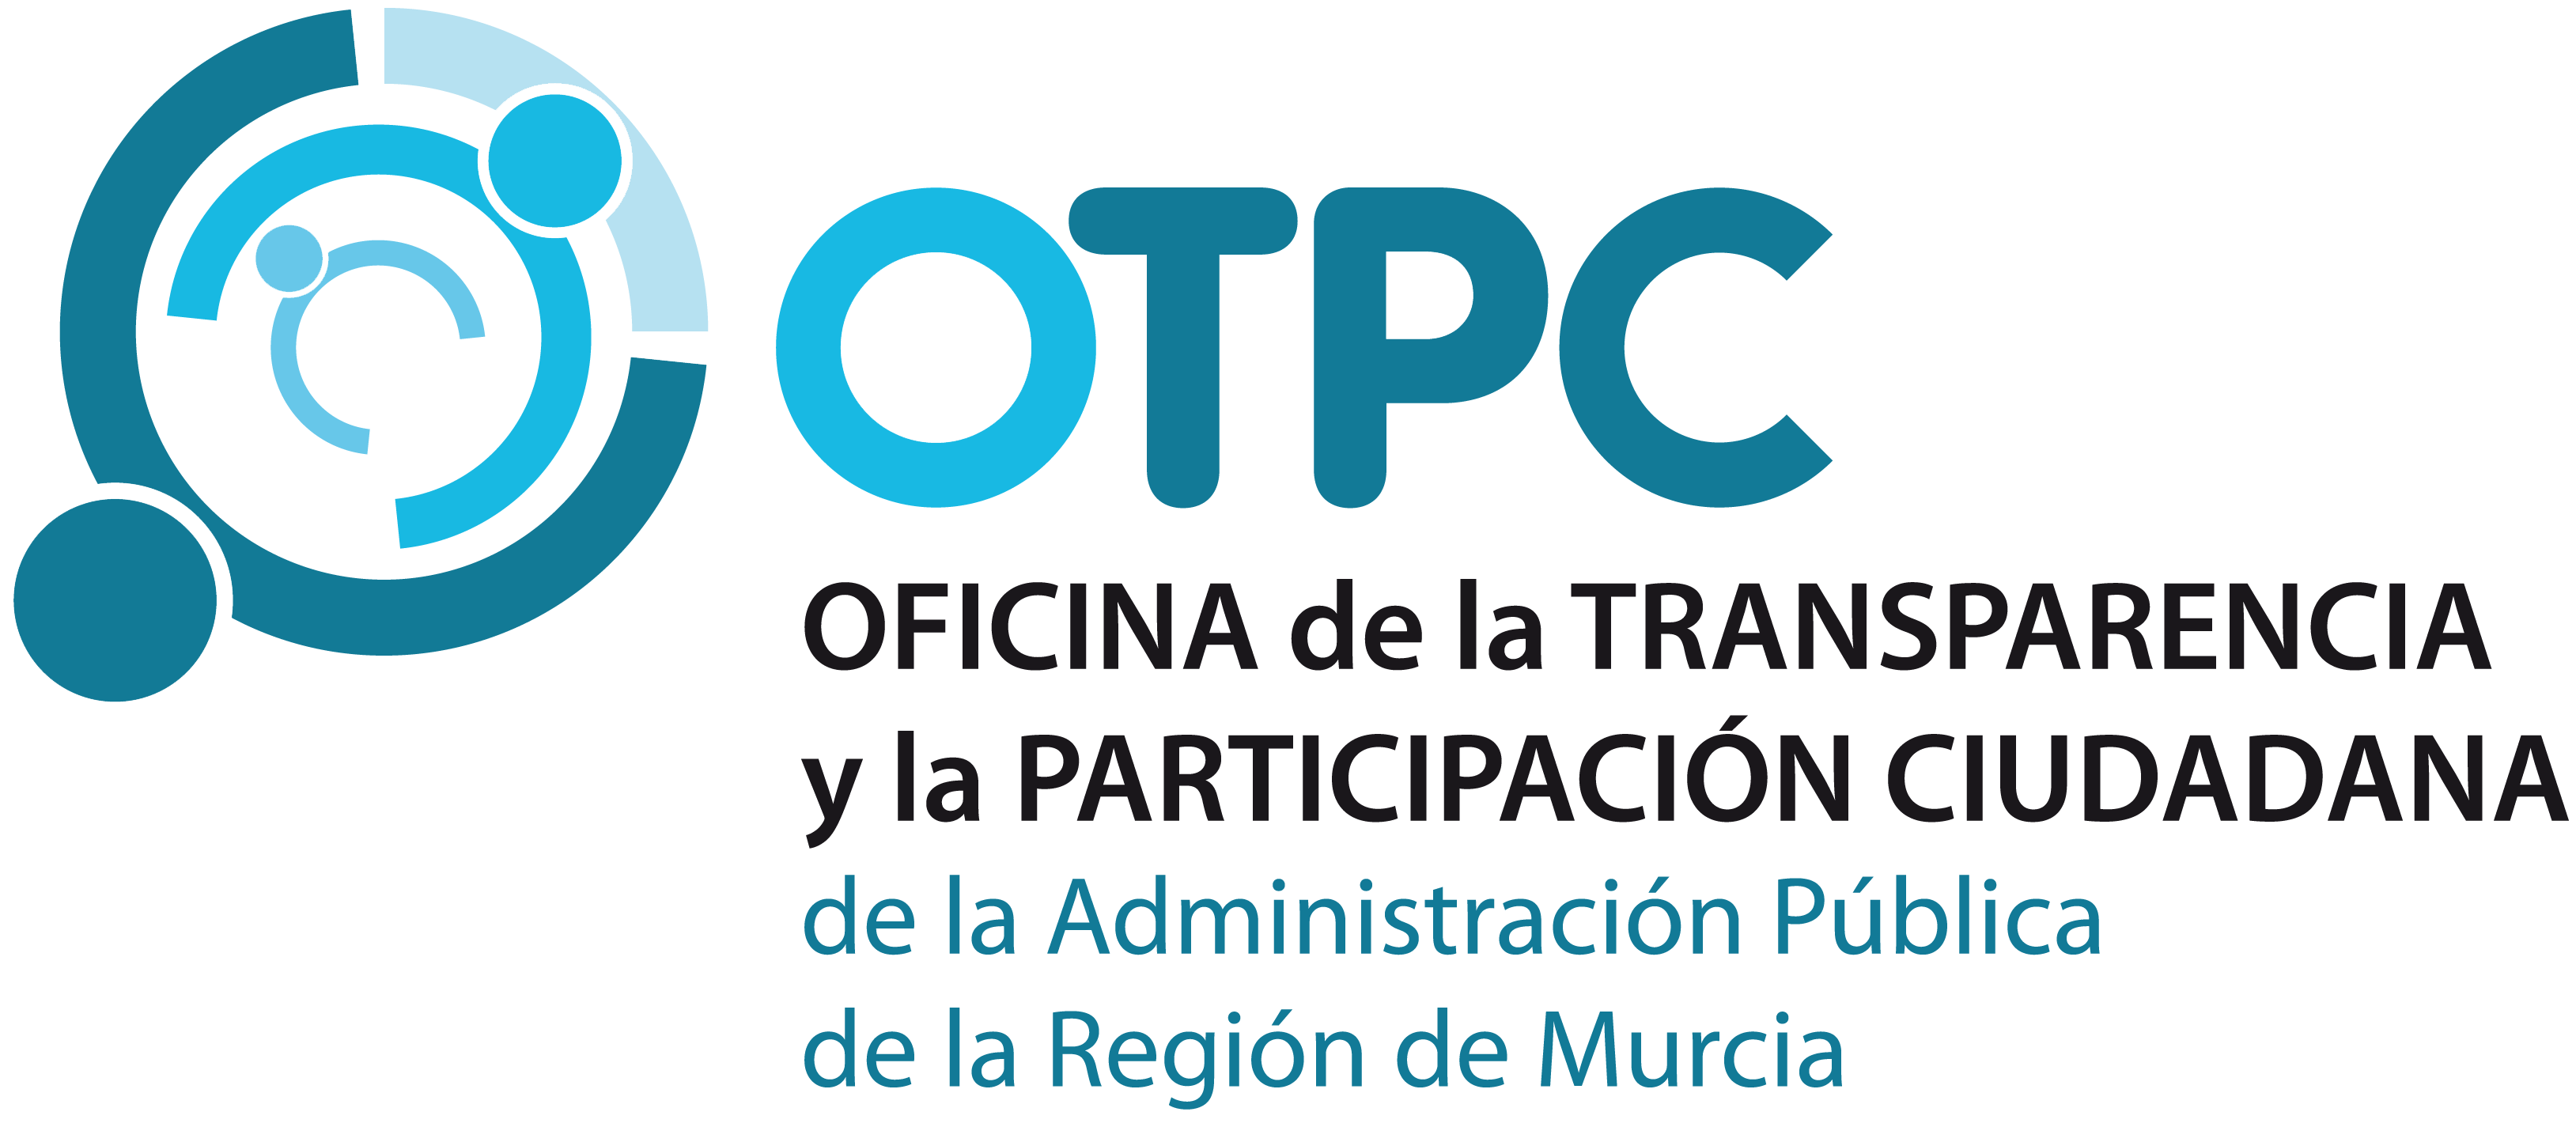 Contacto portal de la transparencia for Direccion de la oficina